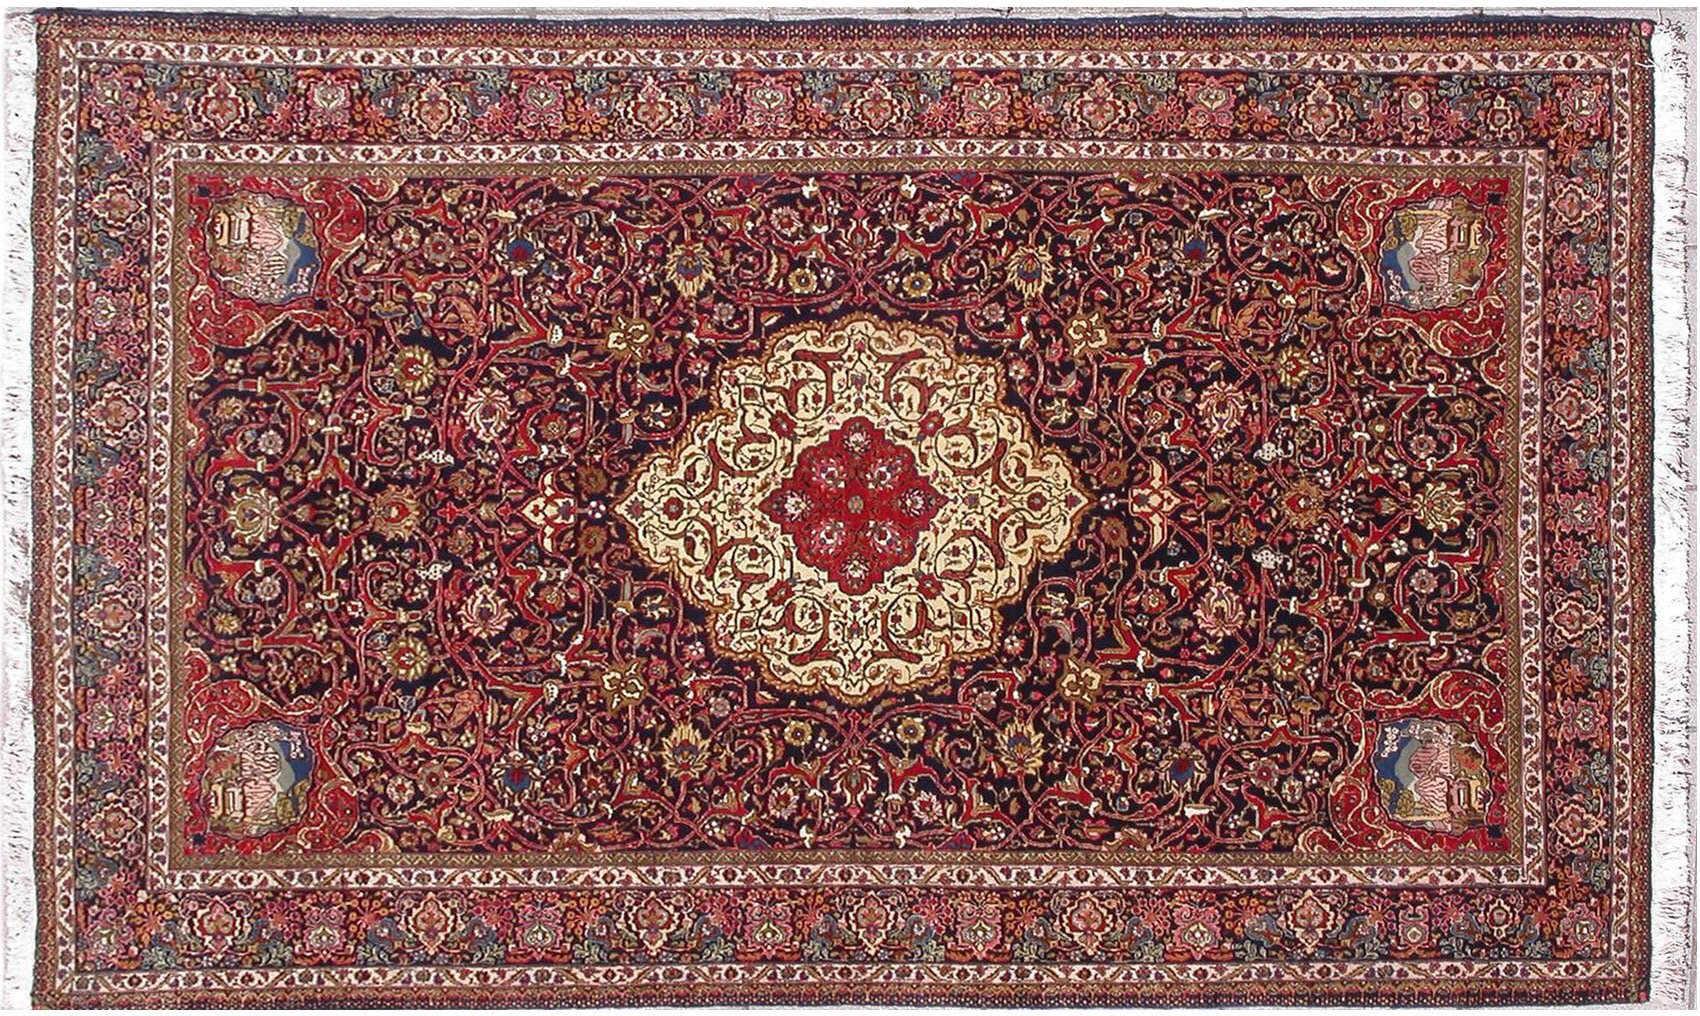 wie catawiki den wert orientalischer teppiche bestimmt